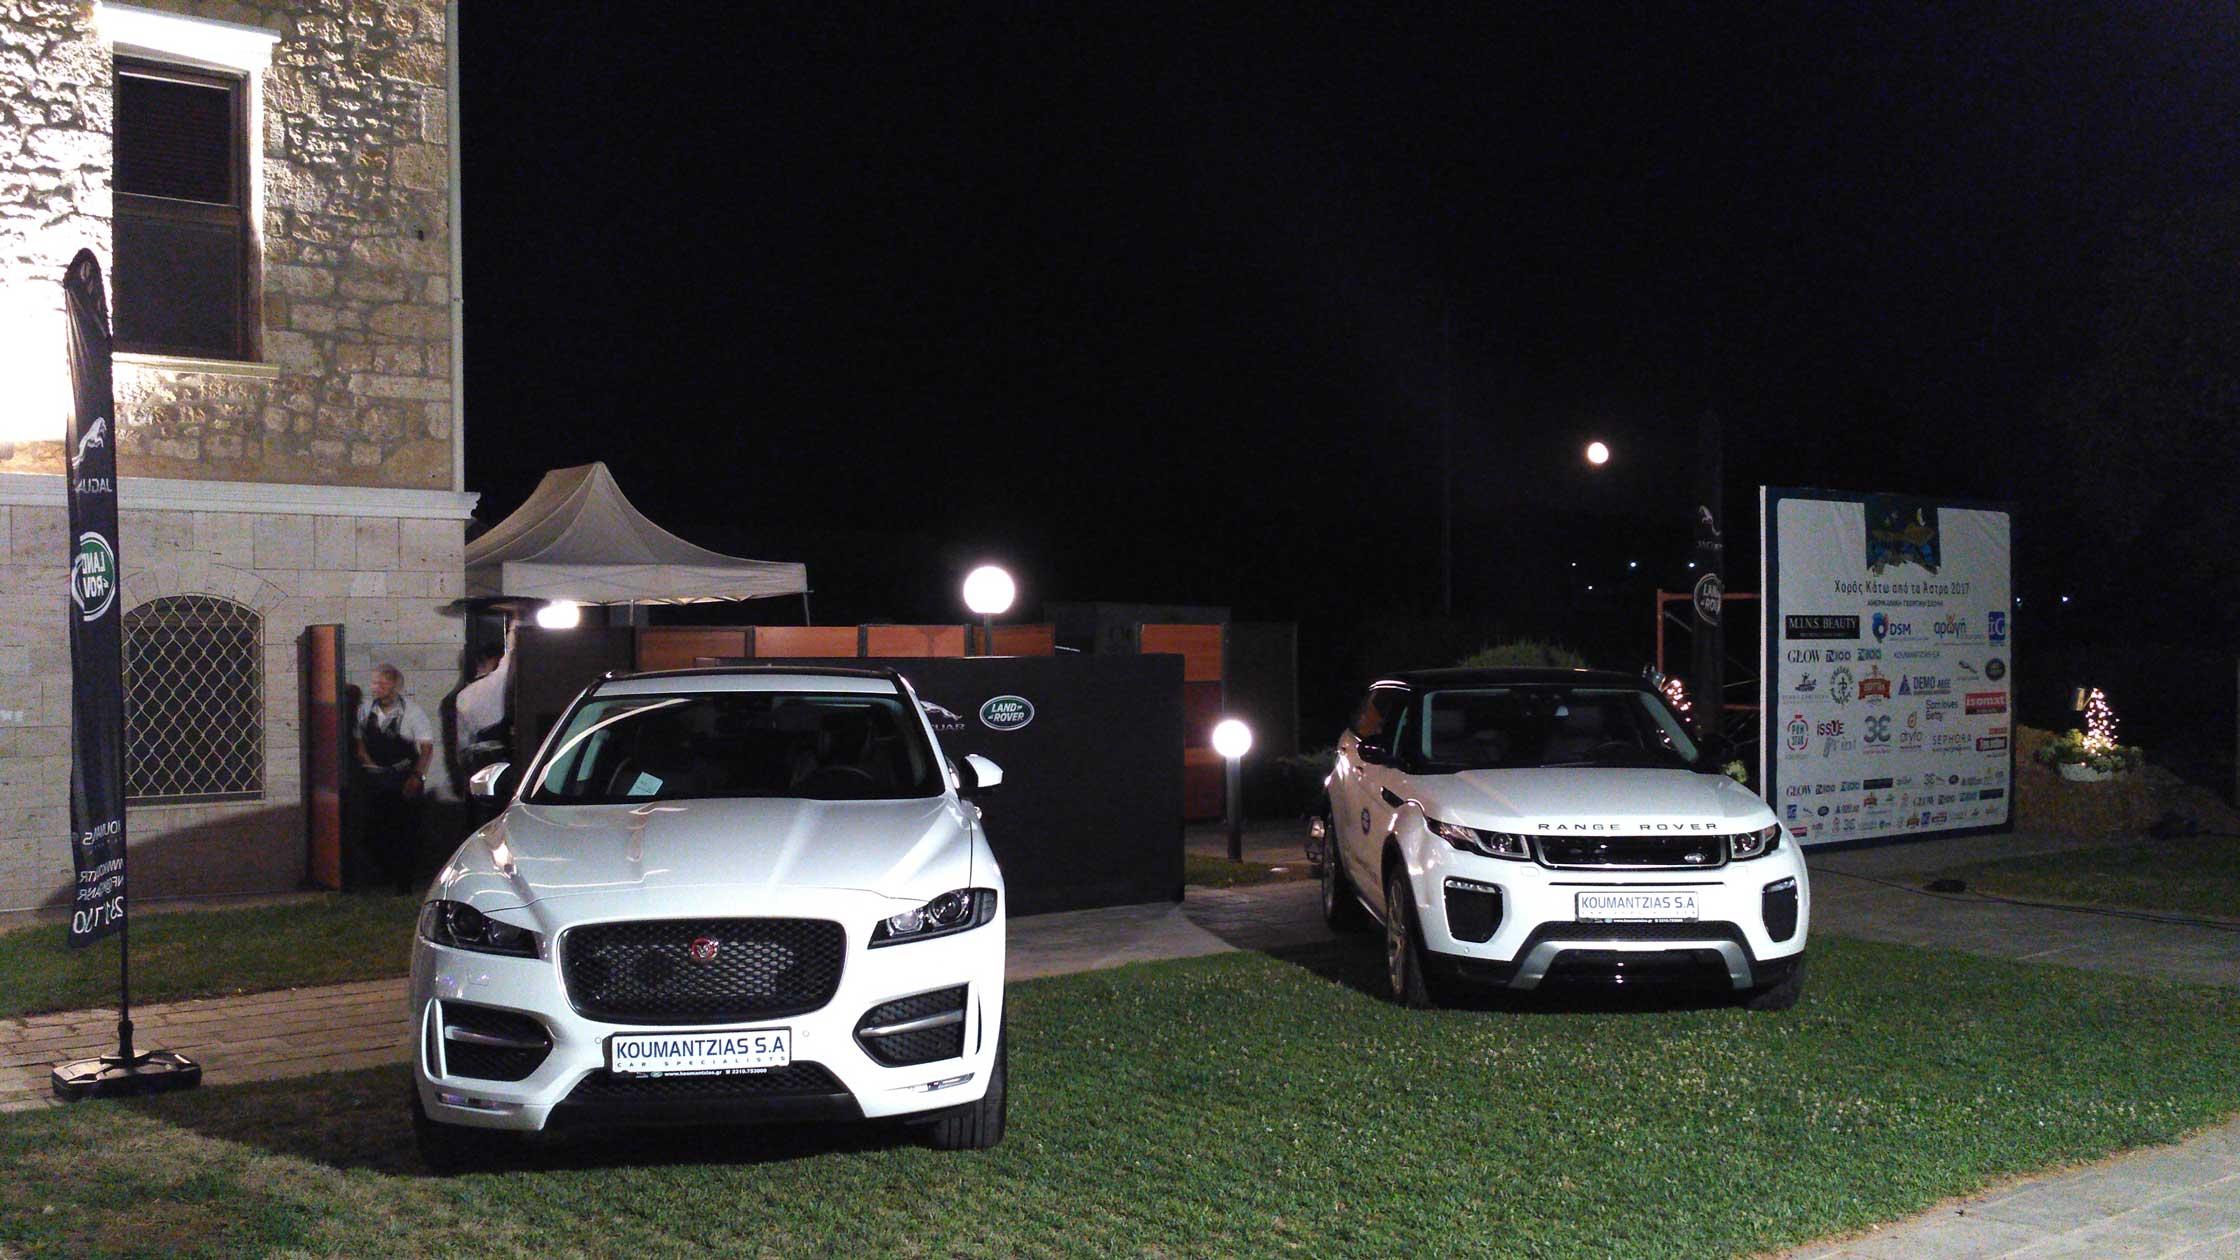 Η Jaguar Land Rover Κουμαντζιάς Α.Ε. στον Χορό κάτω από τα Άστρα της Αμερικάνικης Γεωργικής Σχολής με την jaguar fpace και το Land Rove evoque